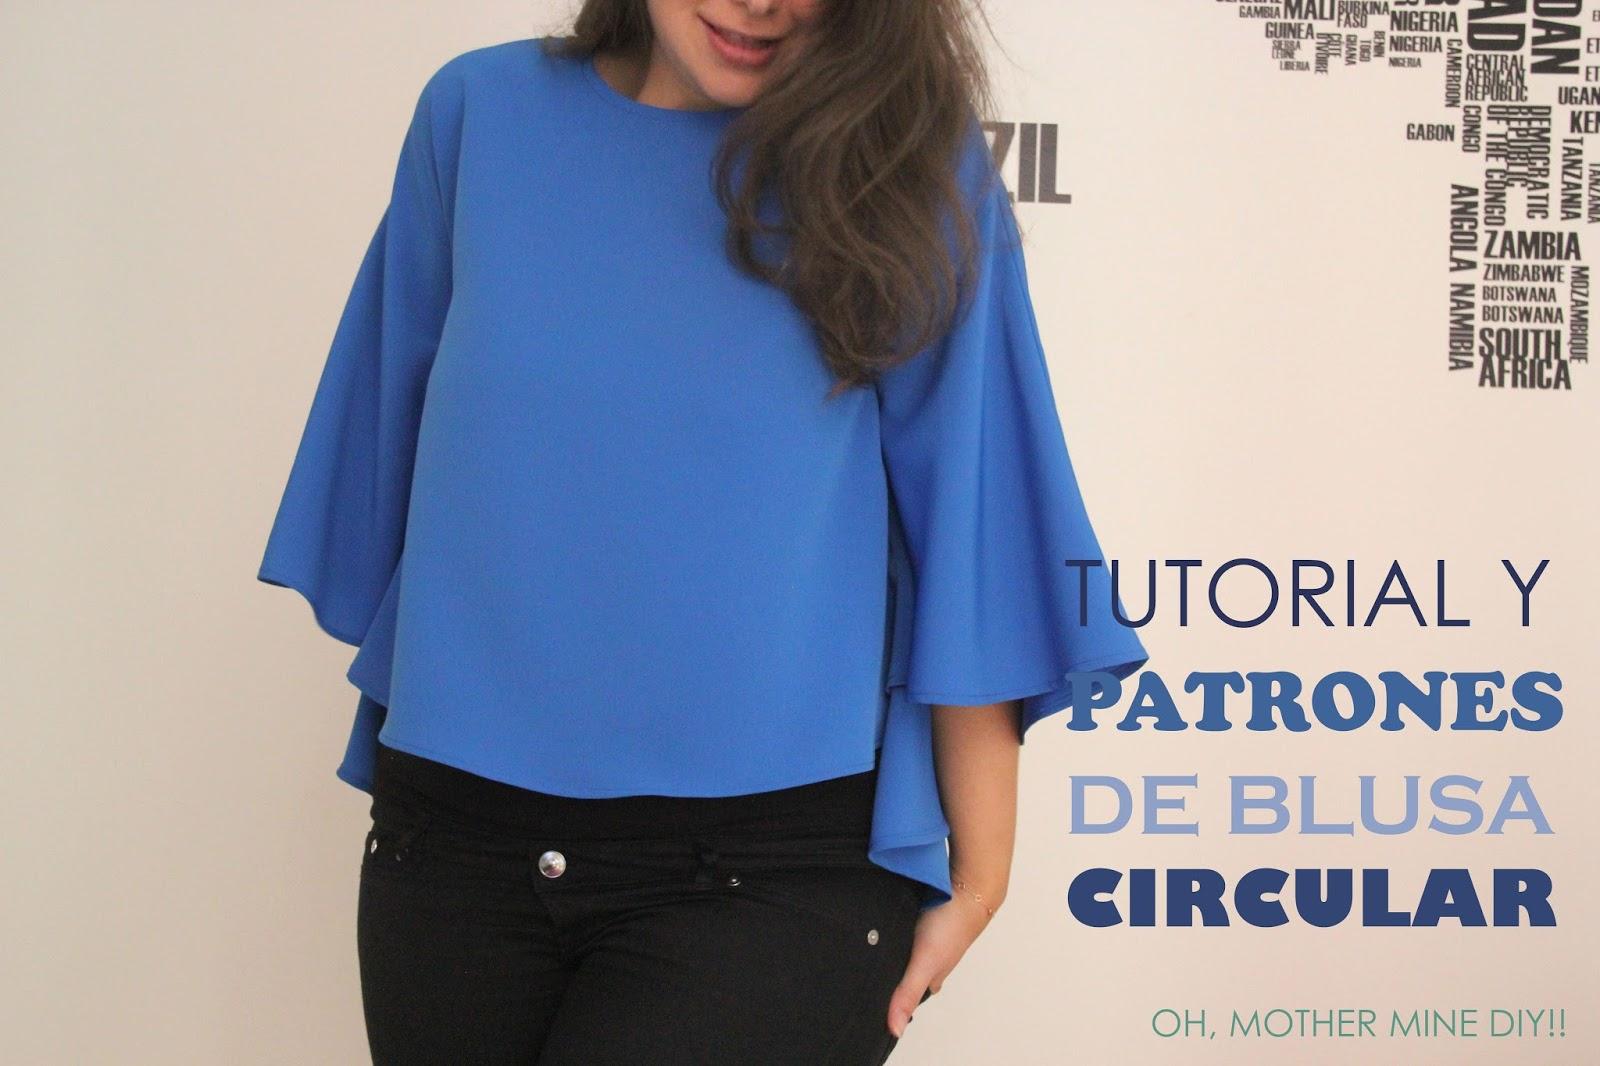 Tutorial y patrones: Blusa circular para mujer :D - Handbox Craft ...